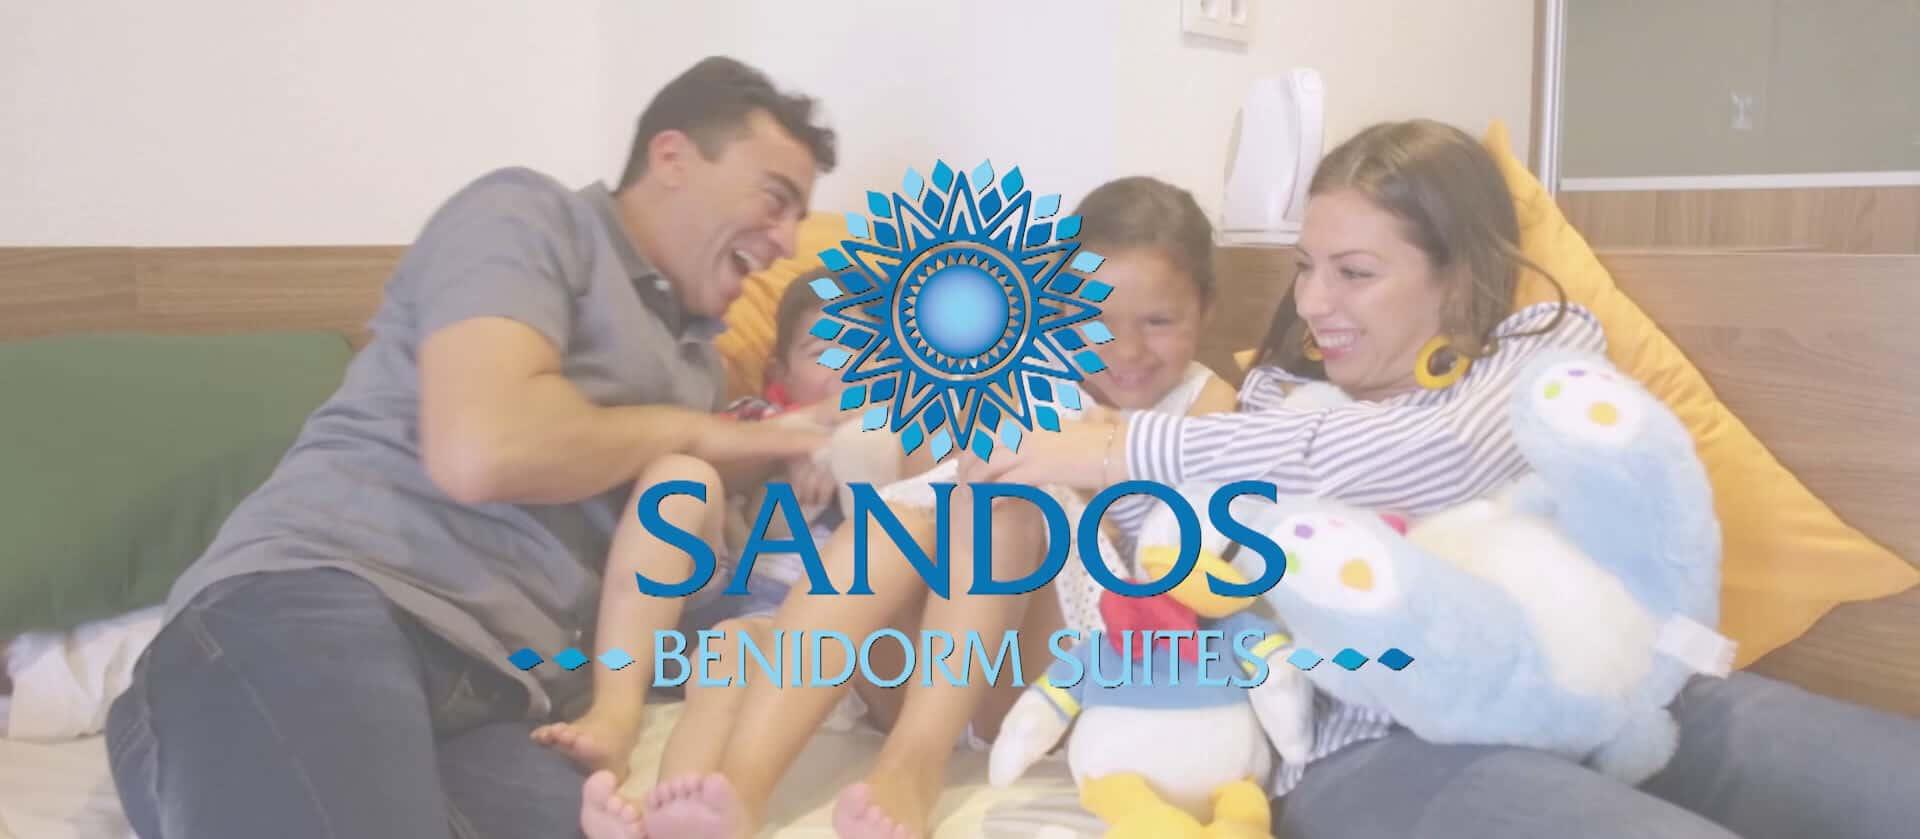 Spot Hotel Sandos Benidorm Suites donde se muestra que es un destino excelente para las familias llevado a cabo por Producciones GDP